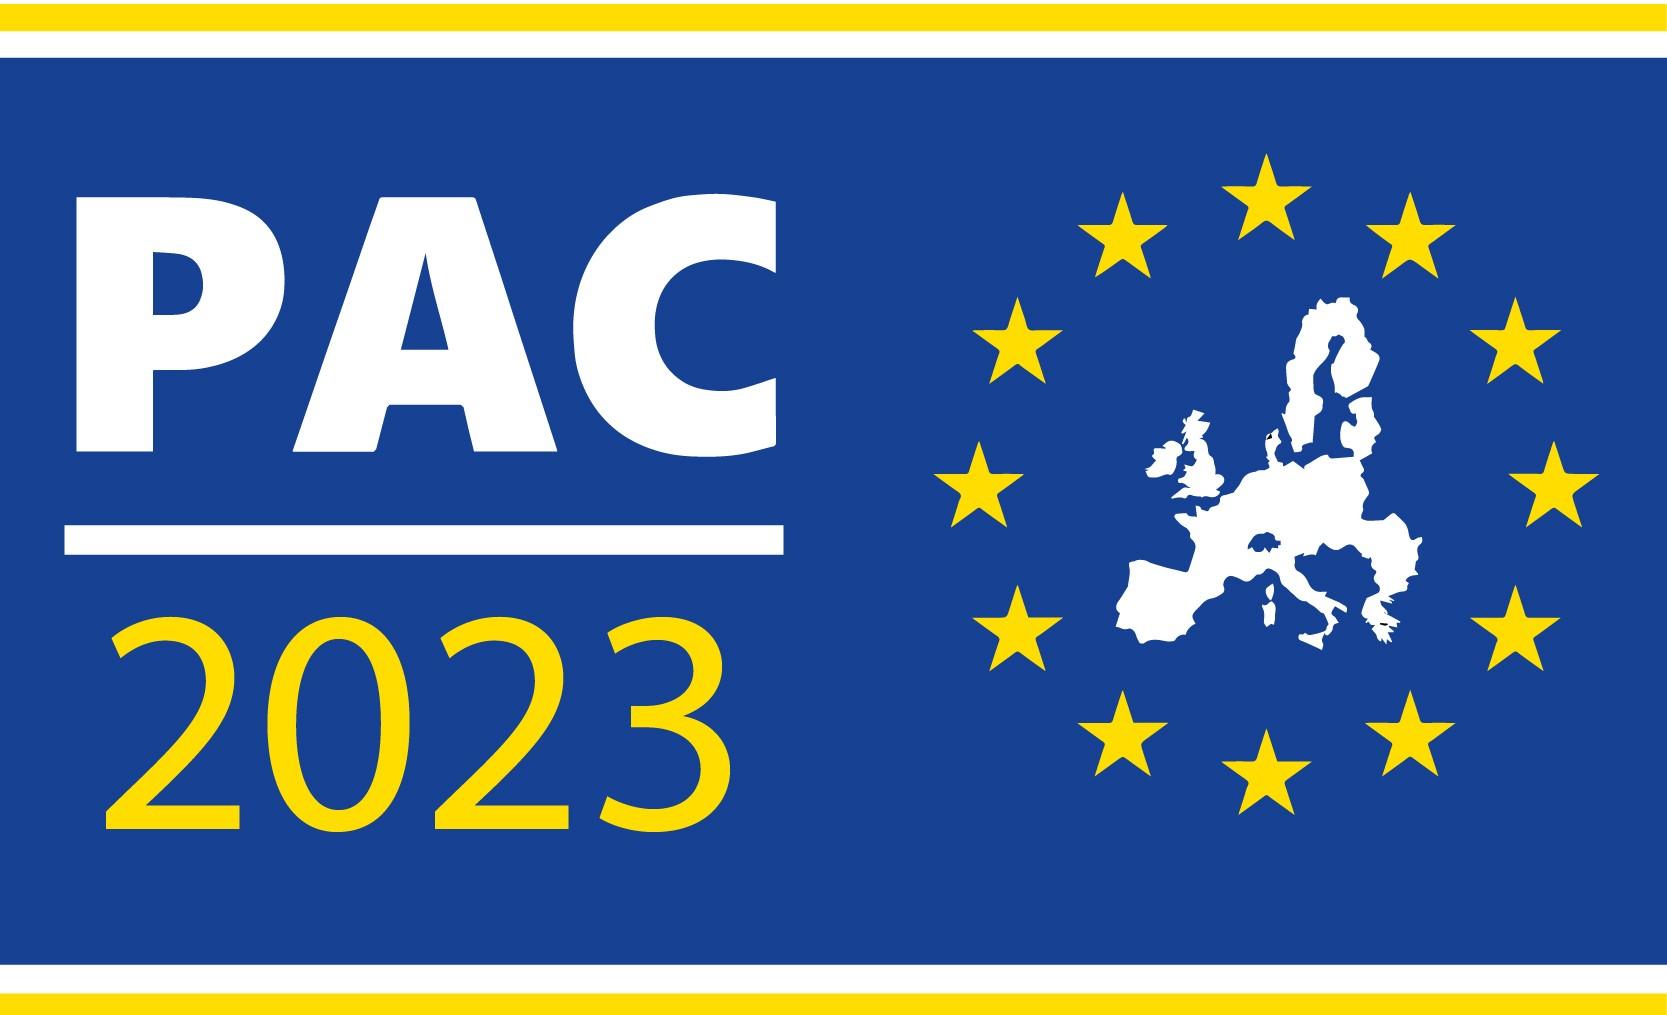 PAC 2023